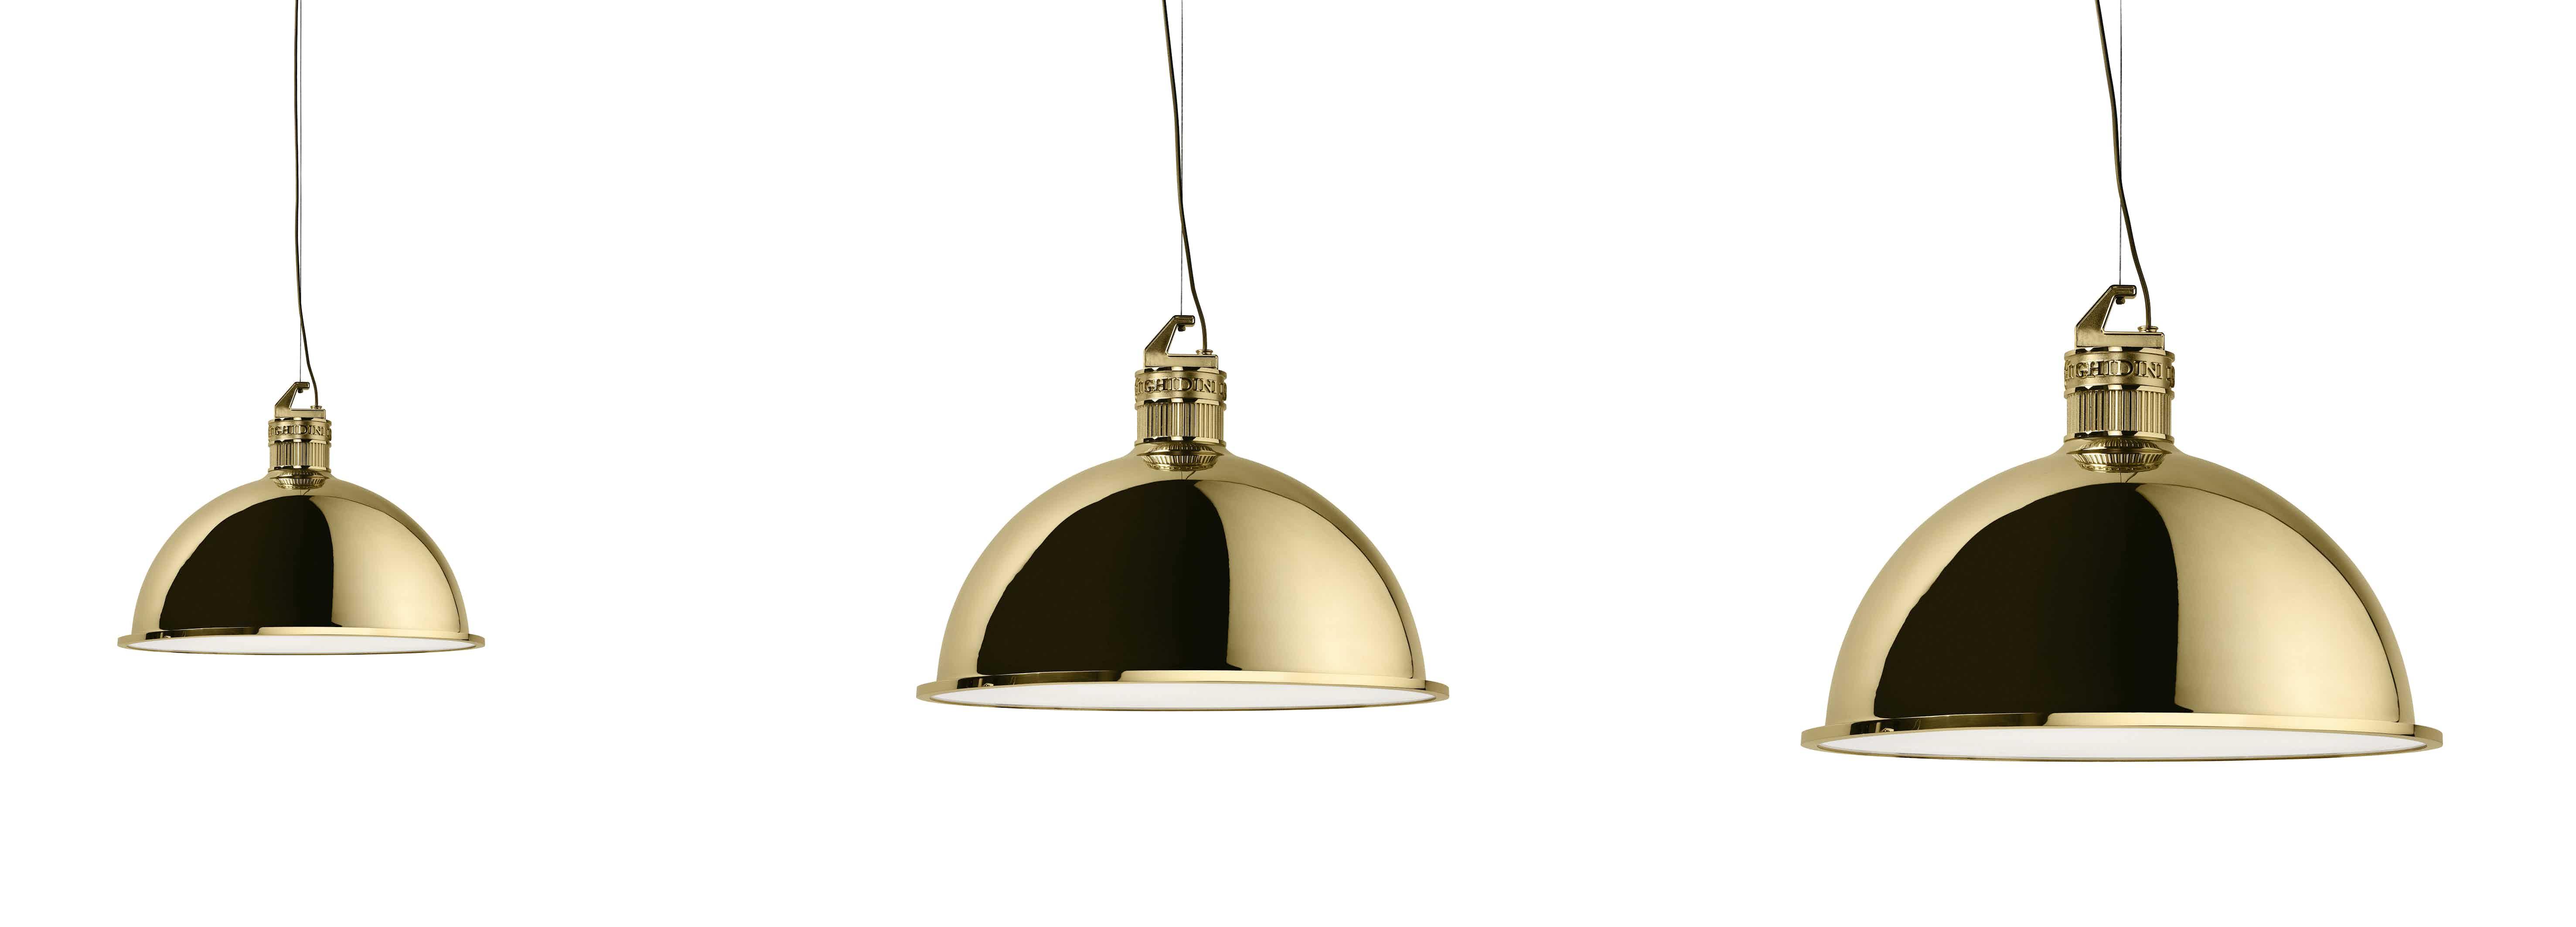 Ghidini 1961 factory lamp trio haute living